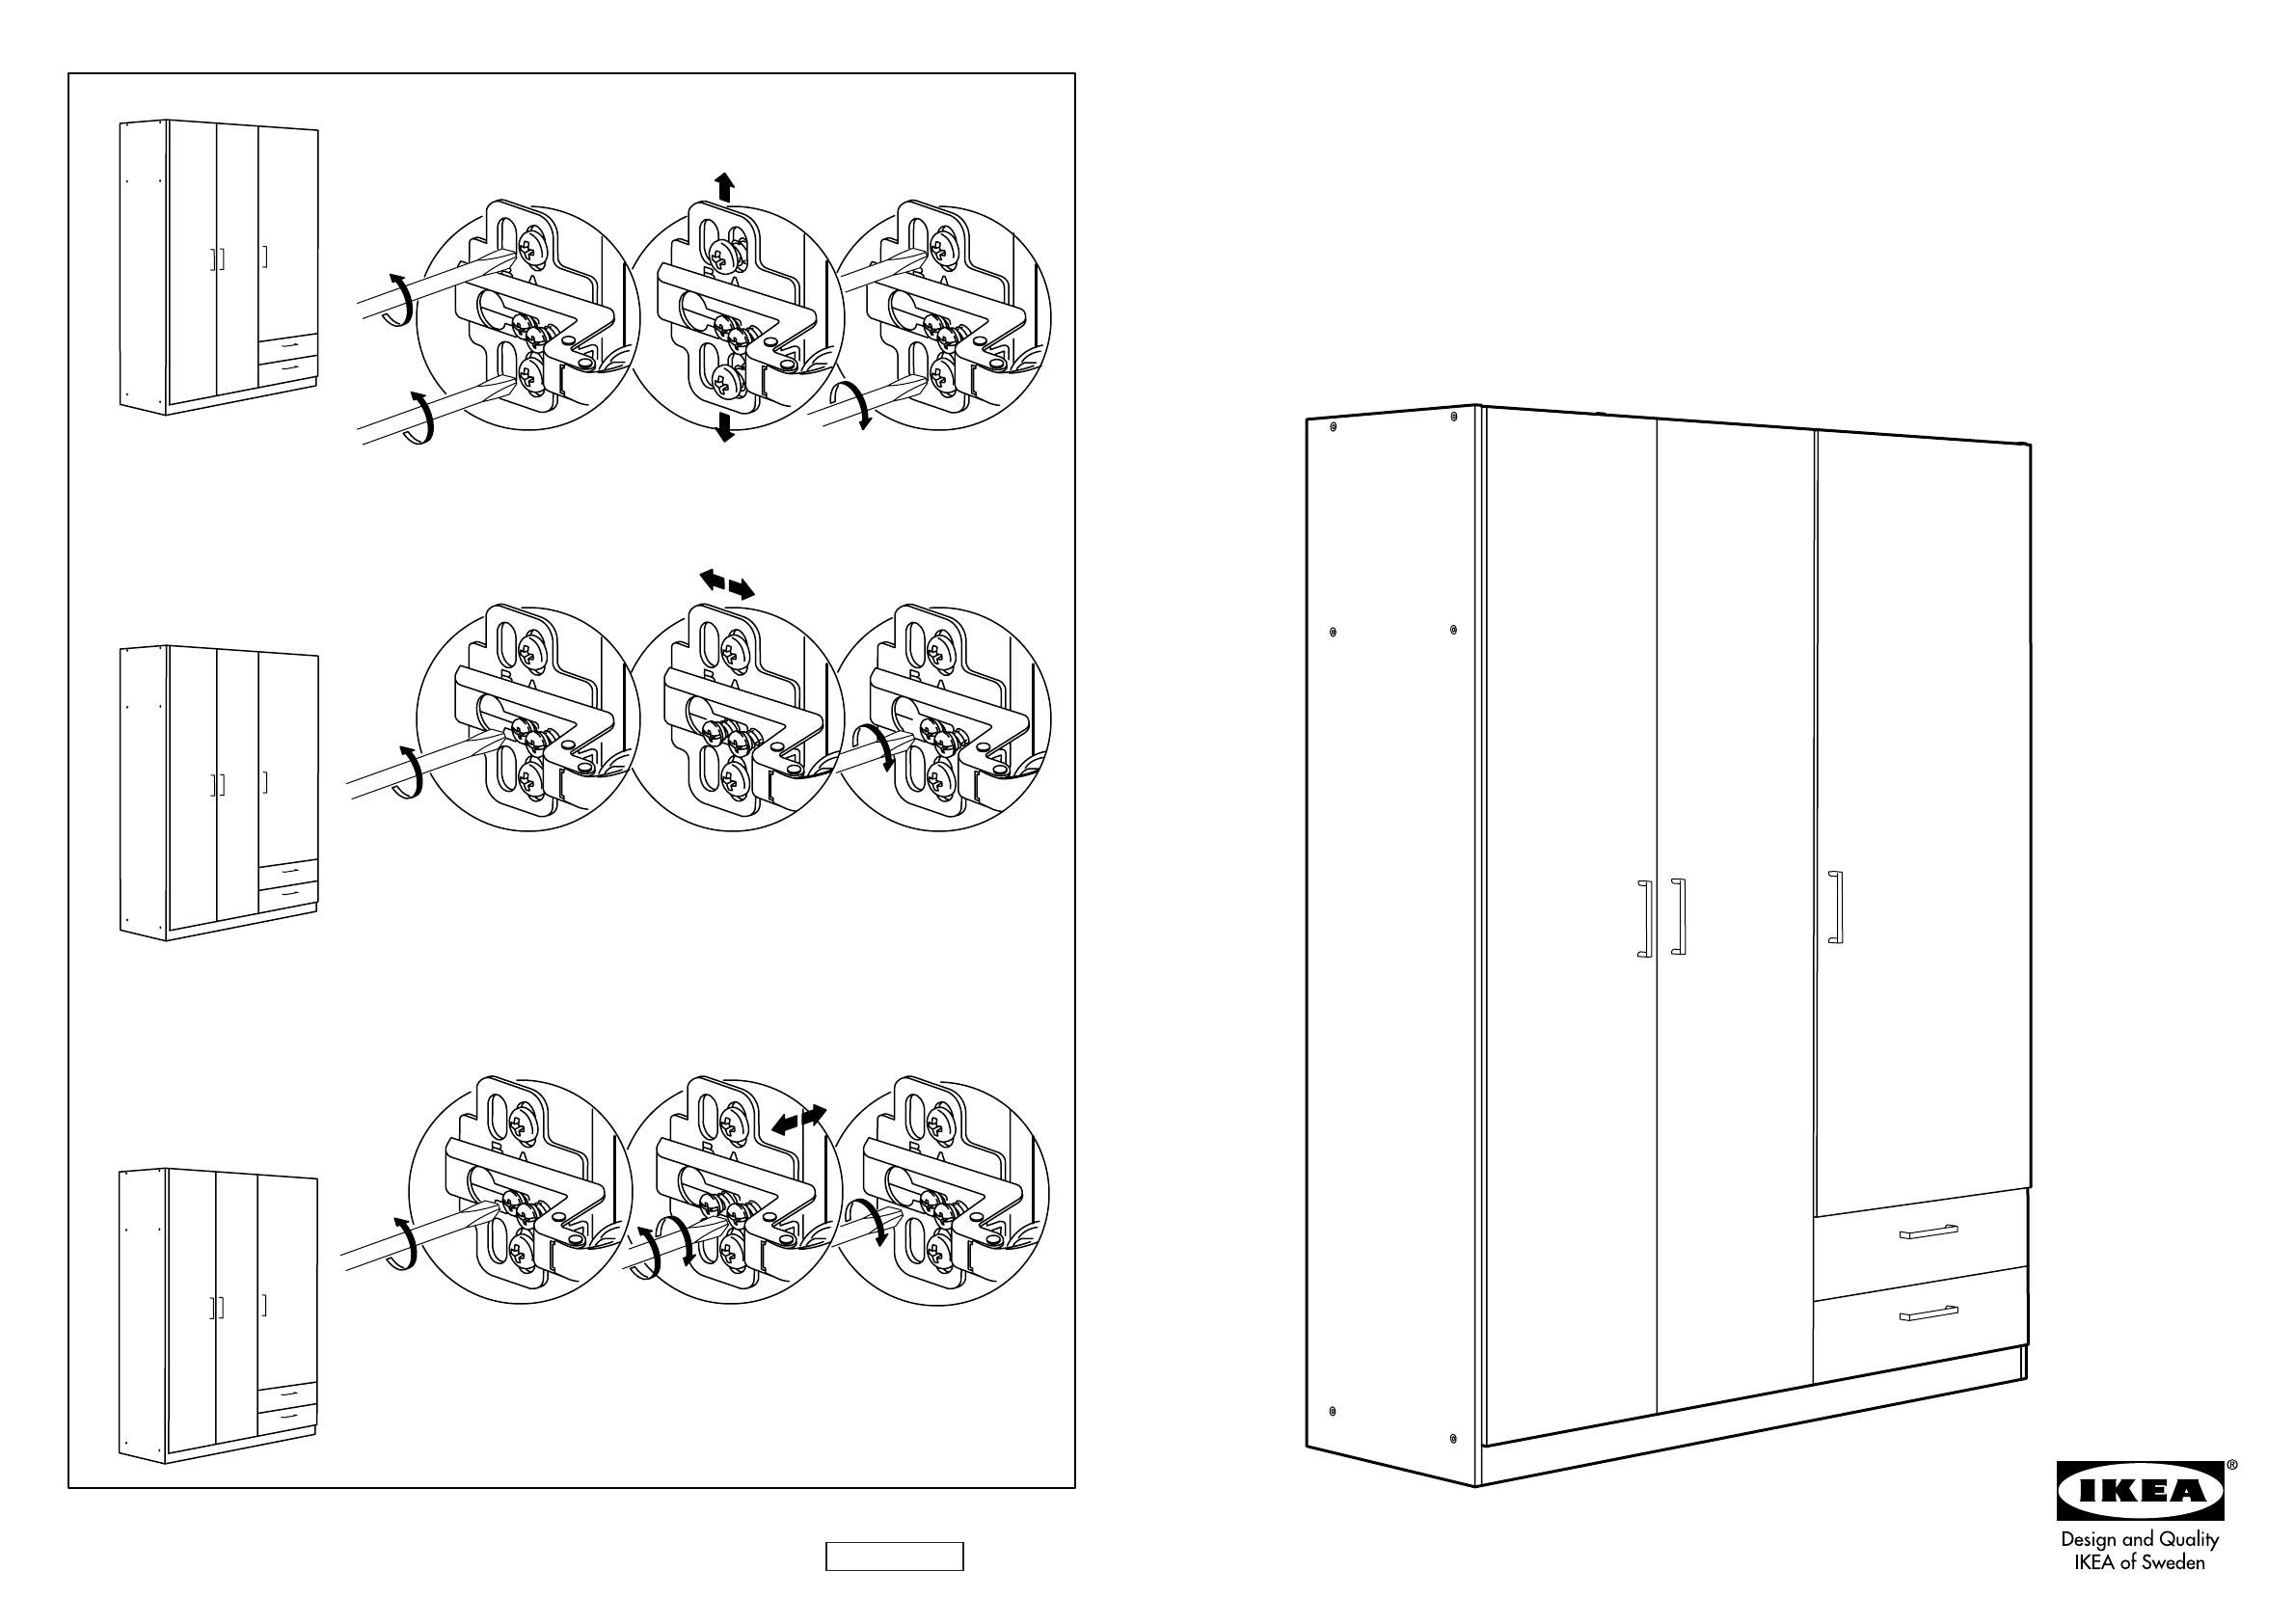 Ikea Kullen Garderobekast.Handleiding Ikea Kullen Garderobekast Pagina 1 Van 10